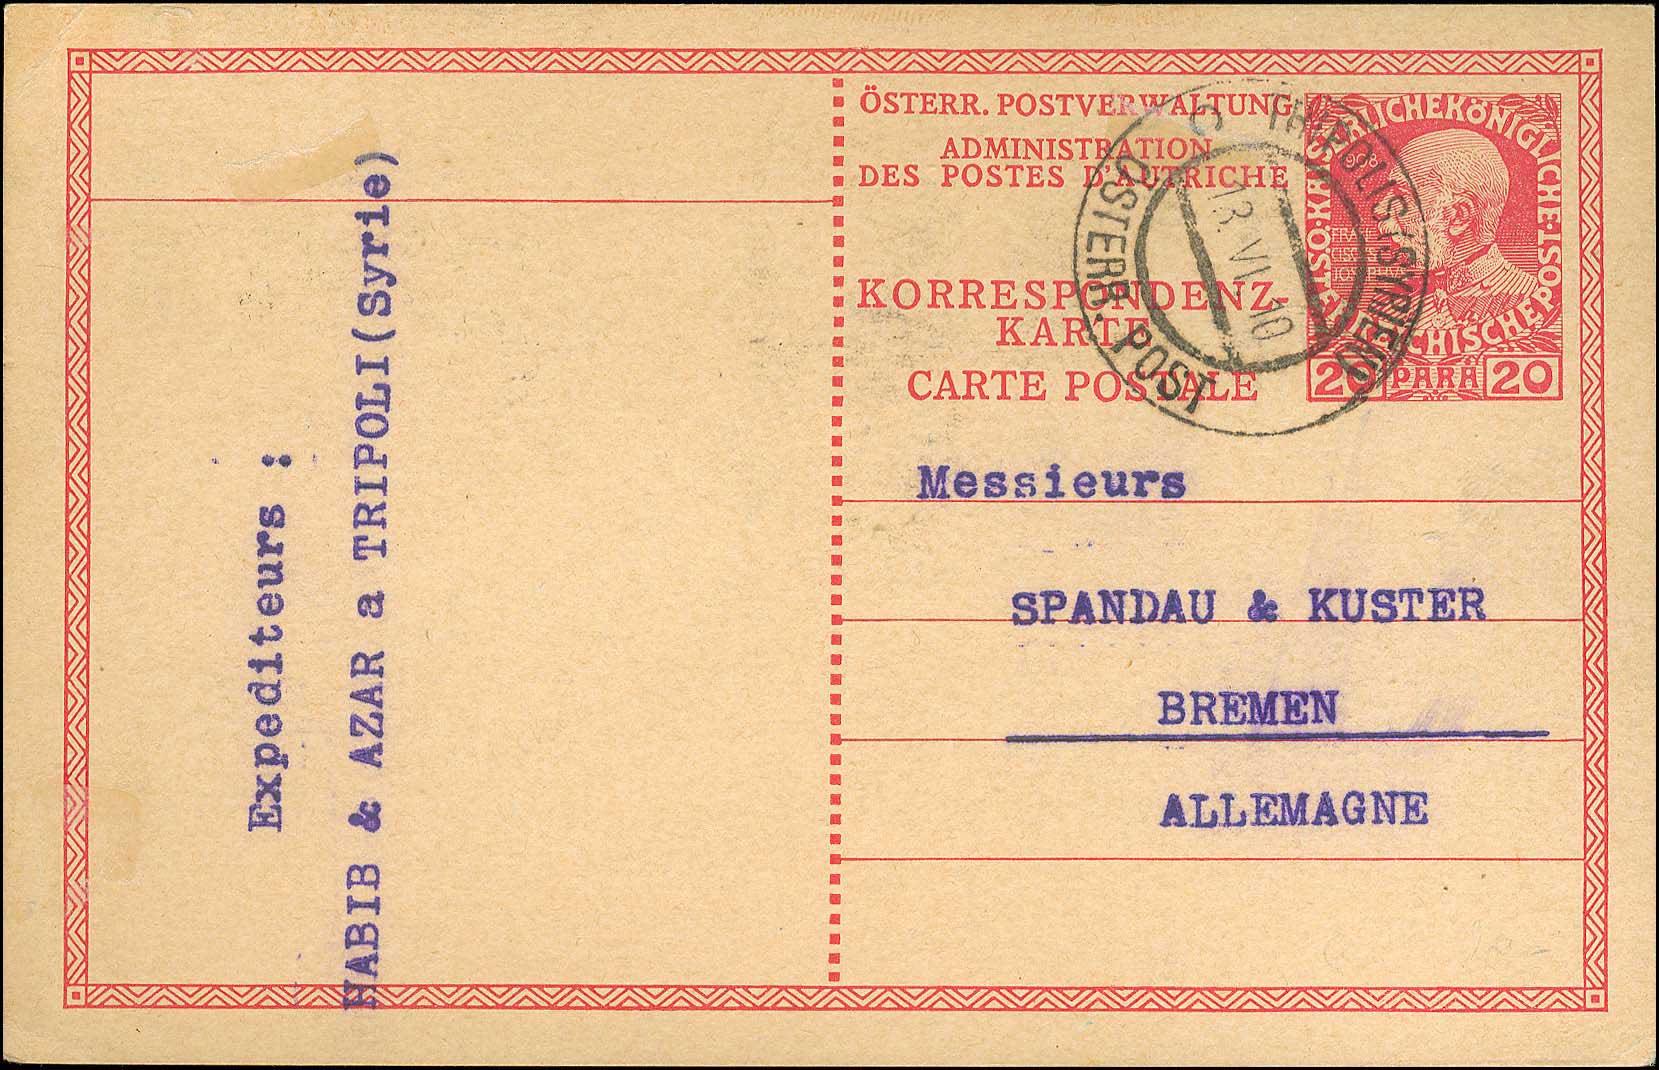 Lot 855 - -  LEVANT AUSTRIAN P.O. -  A. Karamitsos Public Auction № 670 General Sale